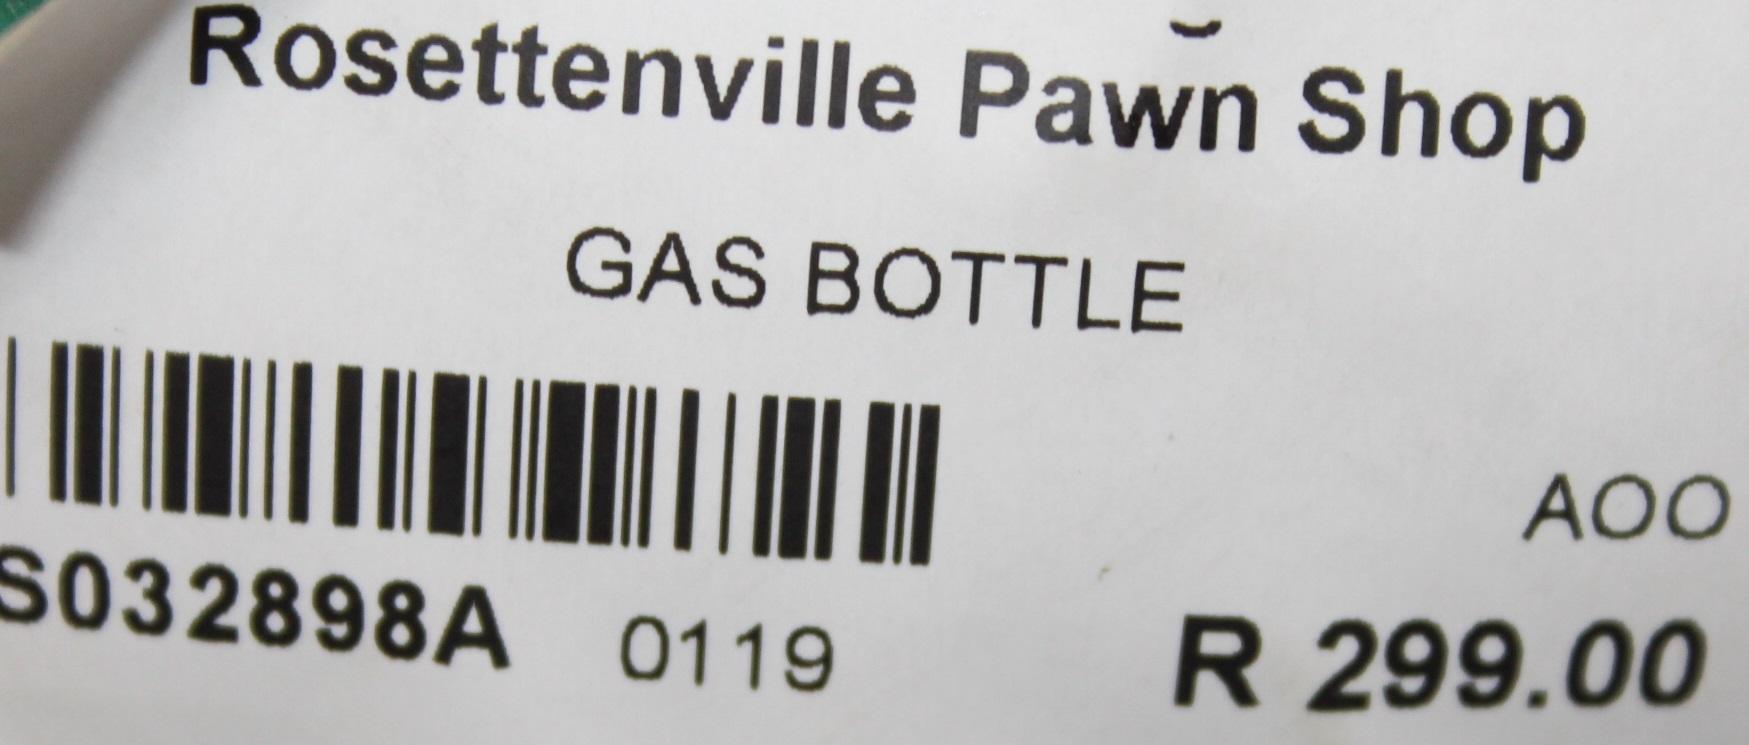 Gas bottle S032898A #Rosettenvillepawnshop